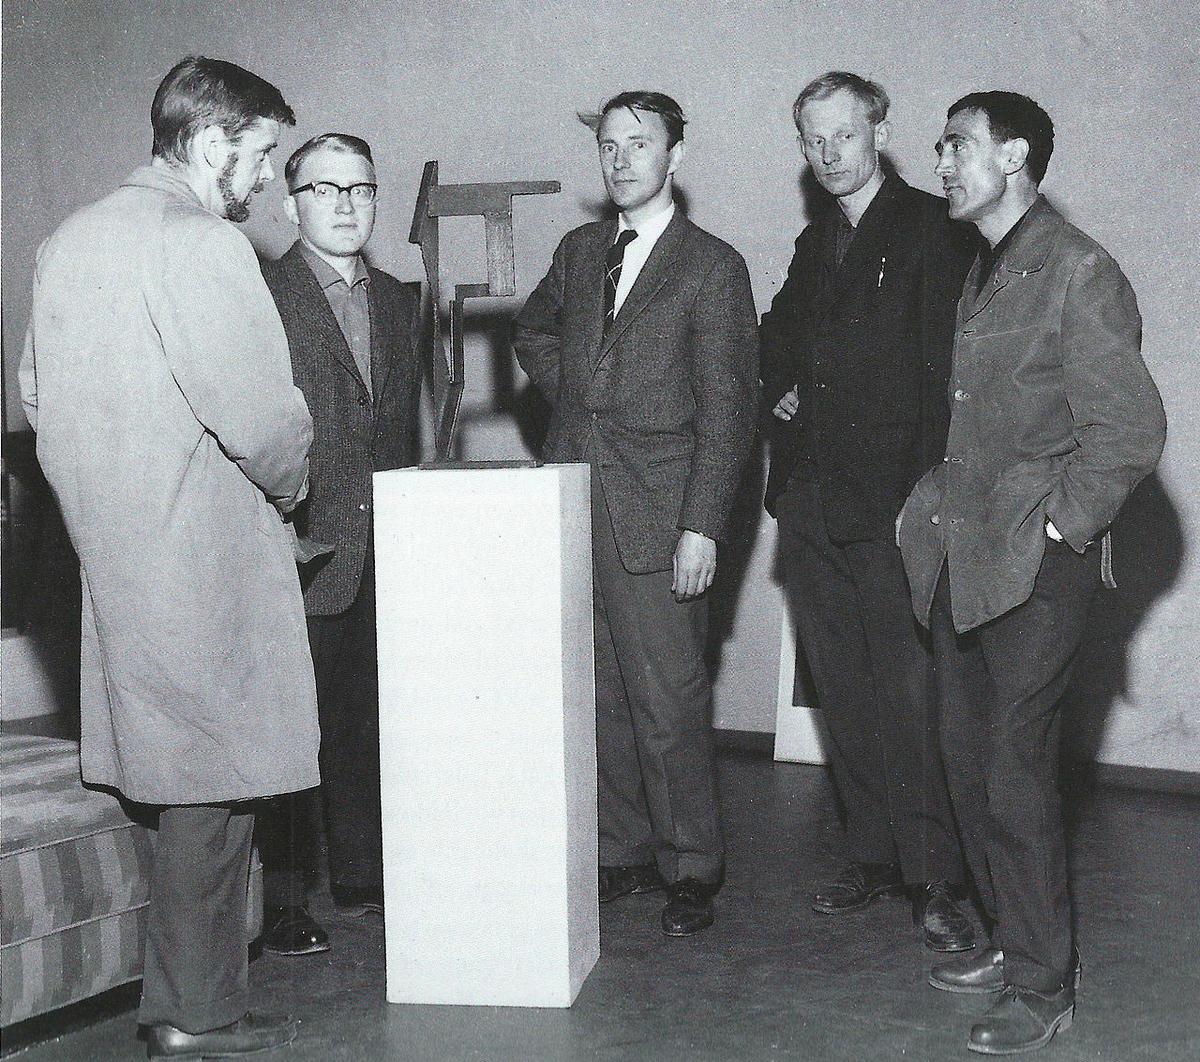 Medlemmene av Gruppe 5 samlet rundt en abstrakt skulptur av Ramon Isern. Fra venstre: Lars Tiller, Halvdan Ljøsne, Roar Wold, Håkon Bleken og Ramon Isern.